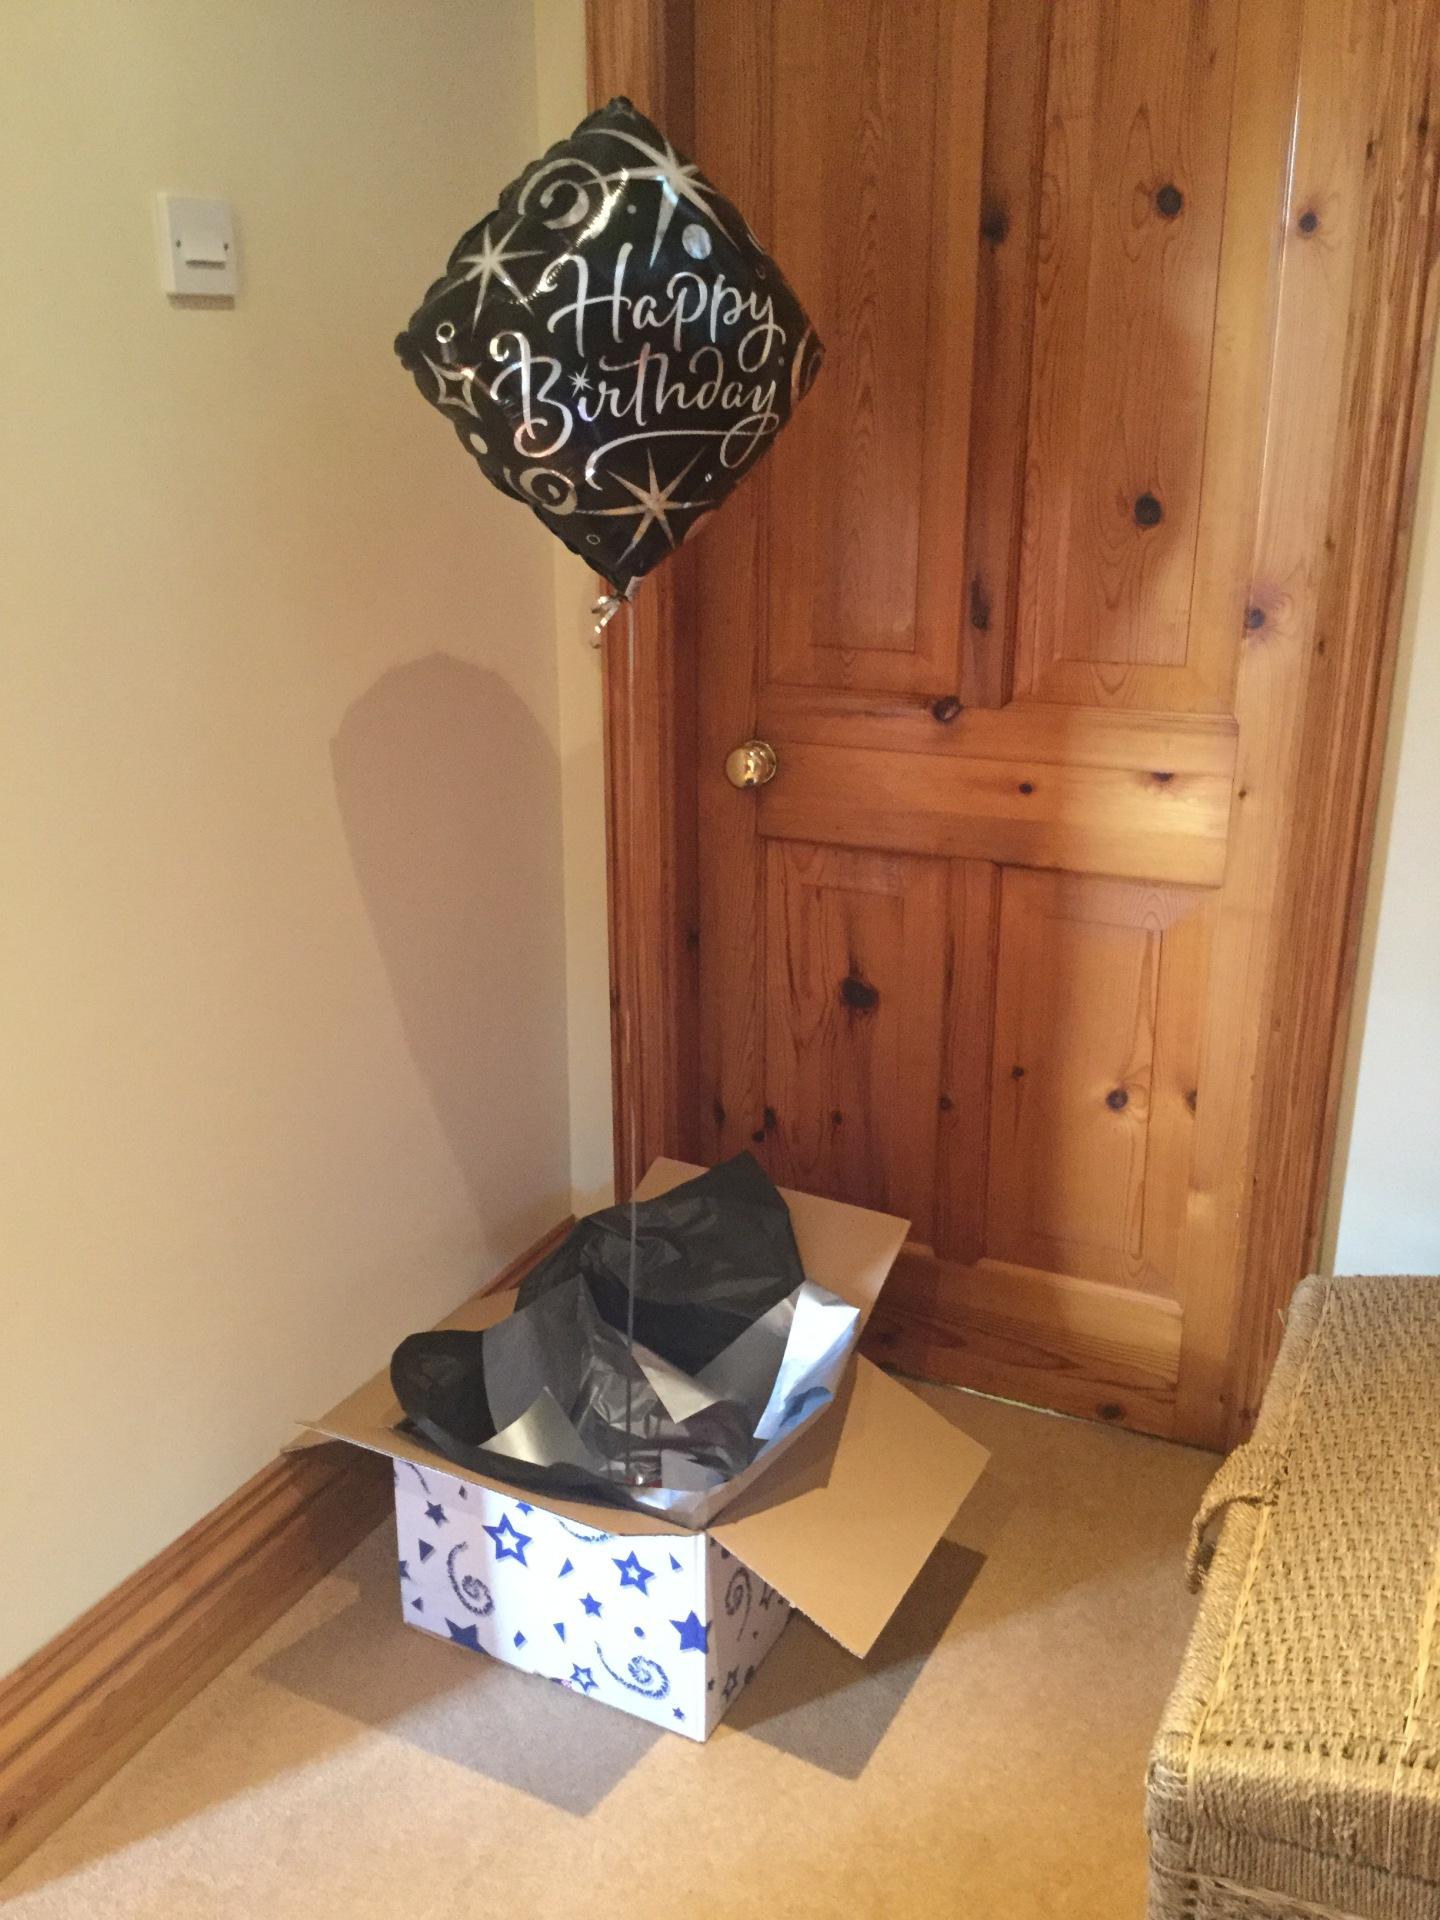 Balloon on a box